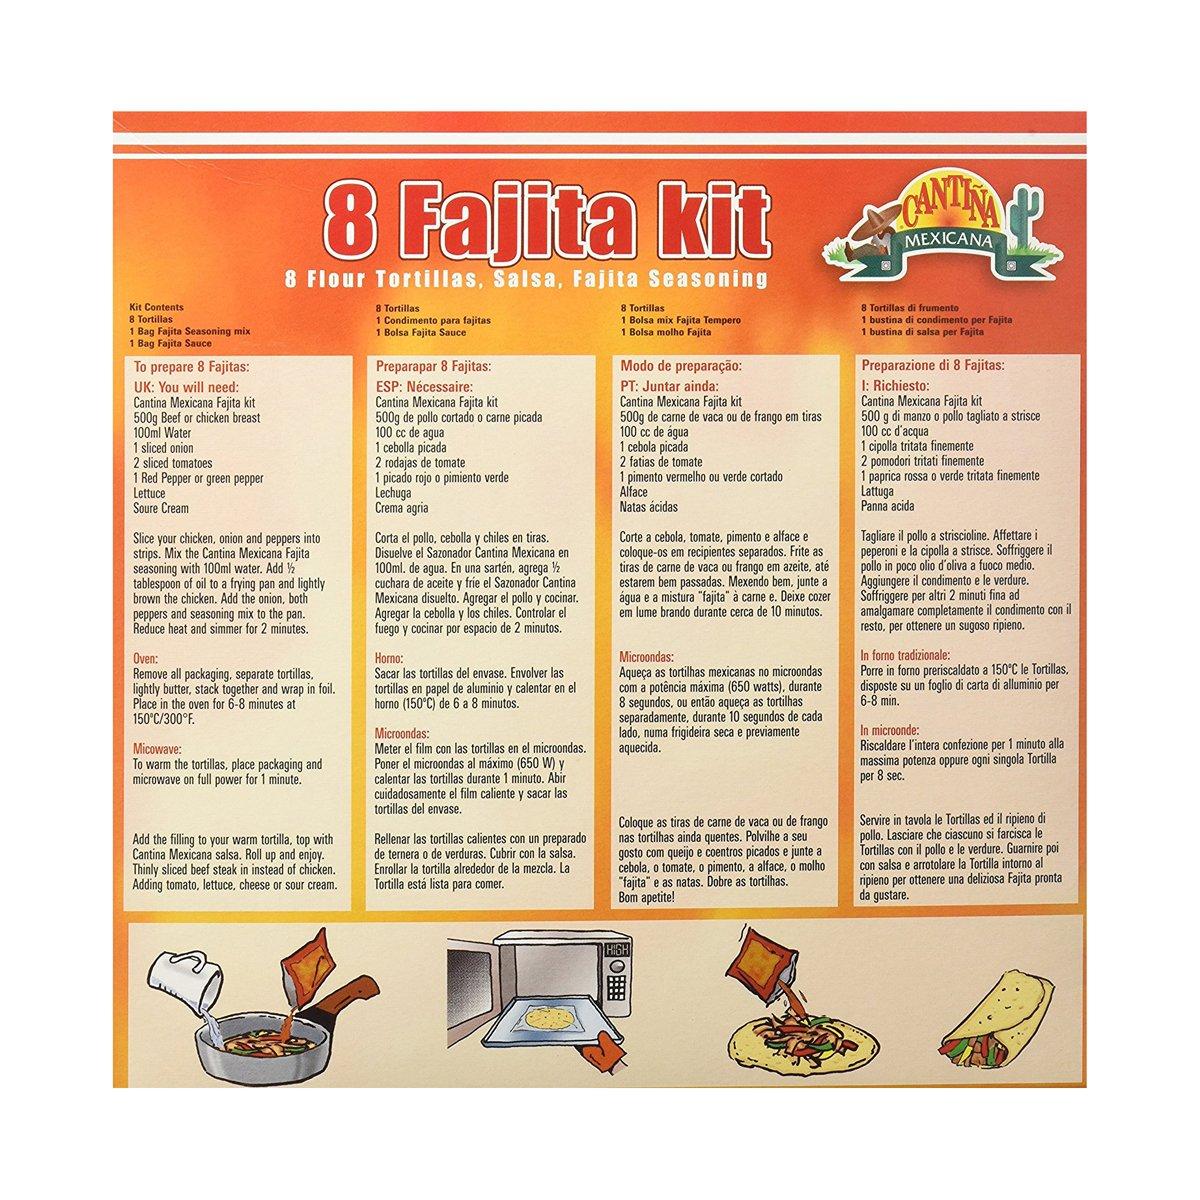 Fajita - Cantina mexicana, 470g, kit de 8 tortillas: Amazon.es: Alimentación y bebidas